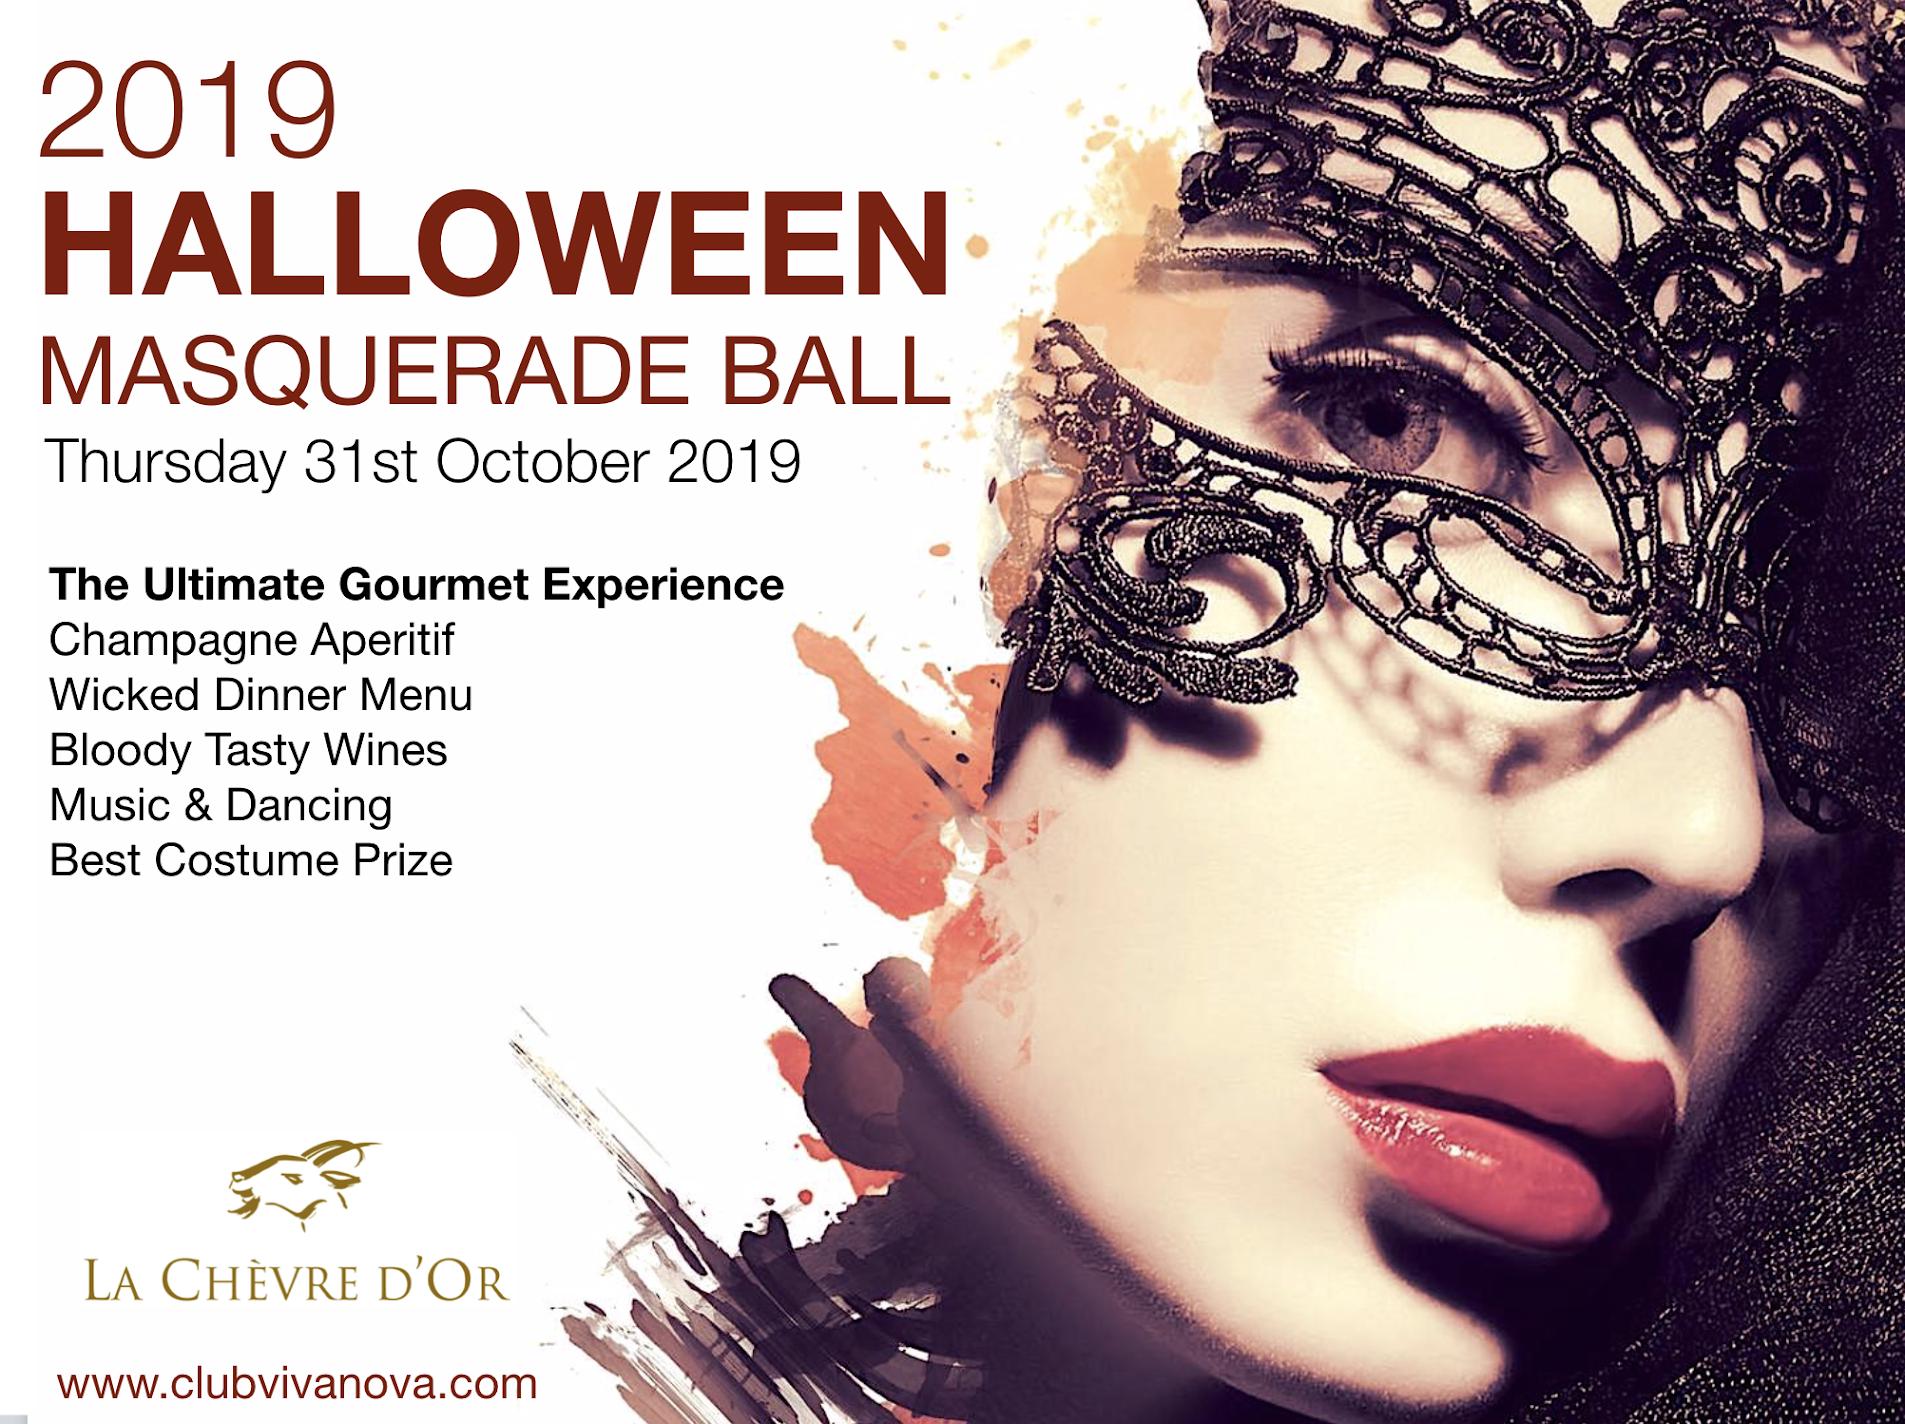 ÉZE The 2019 Halloween Masquerade Ball